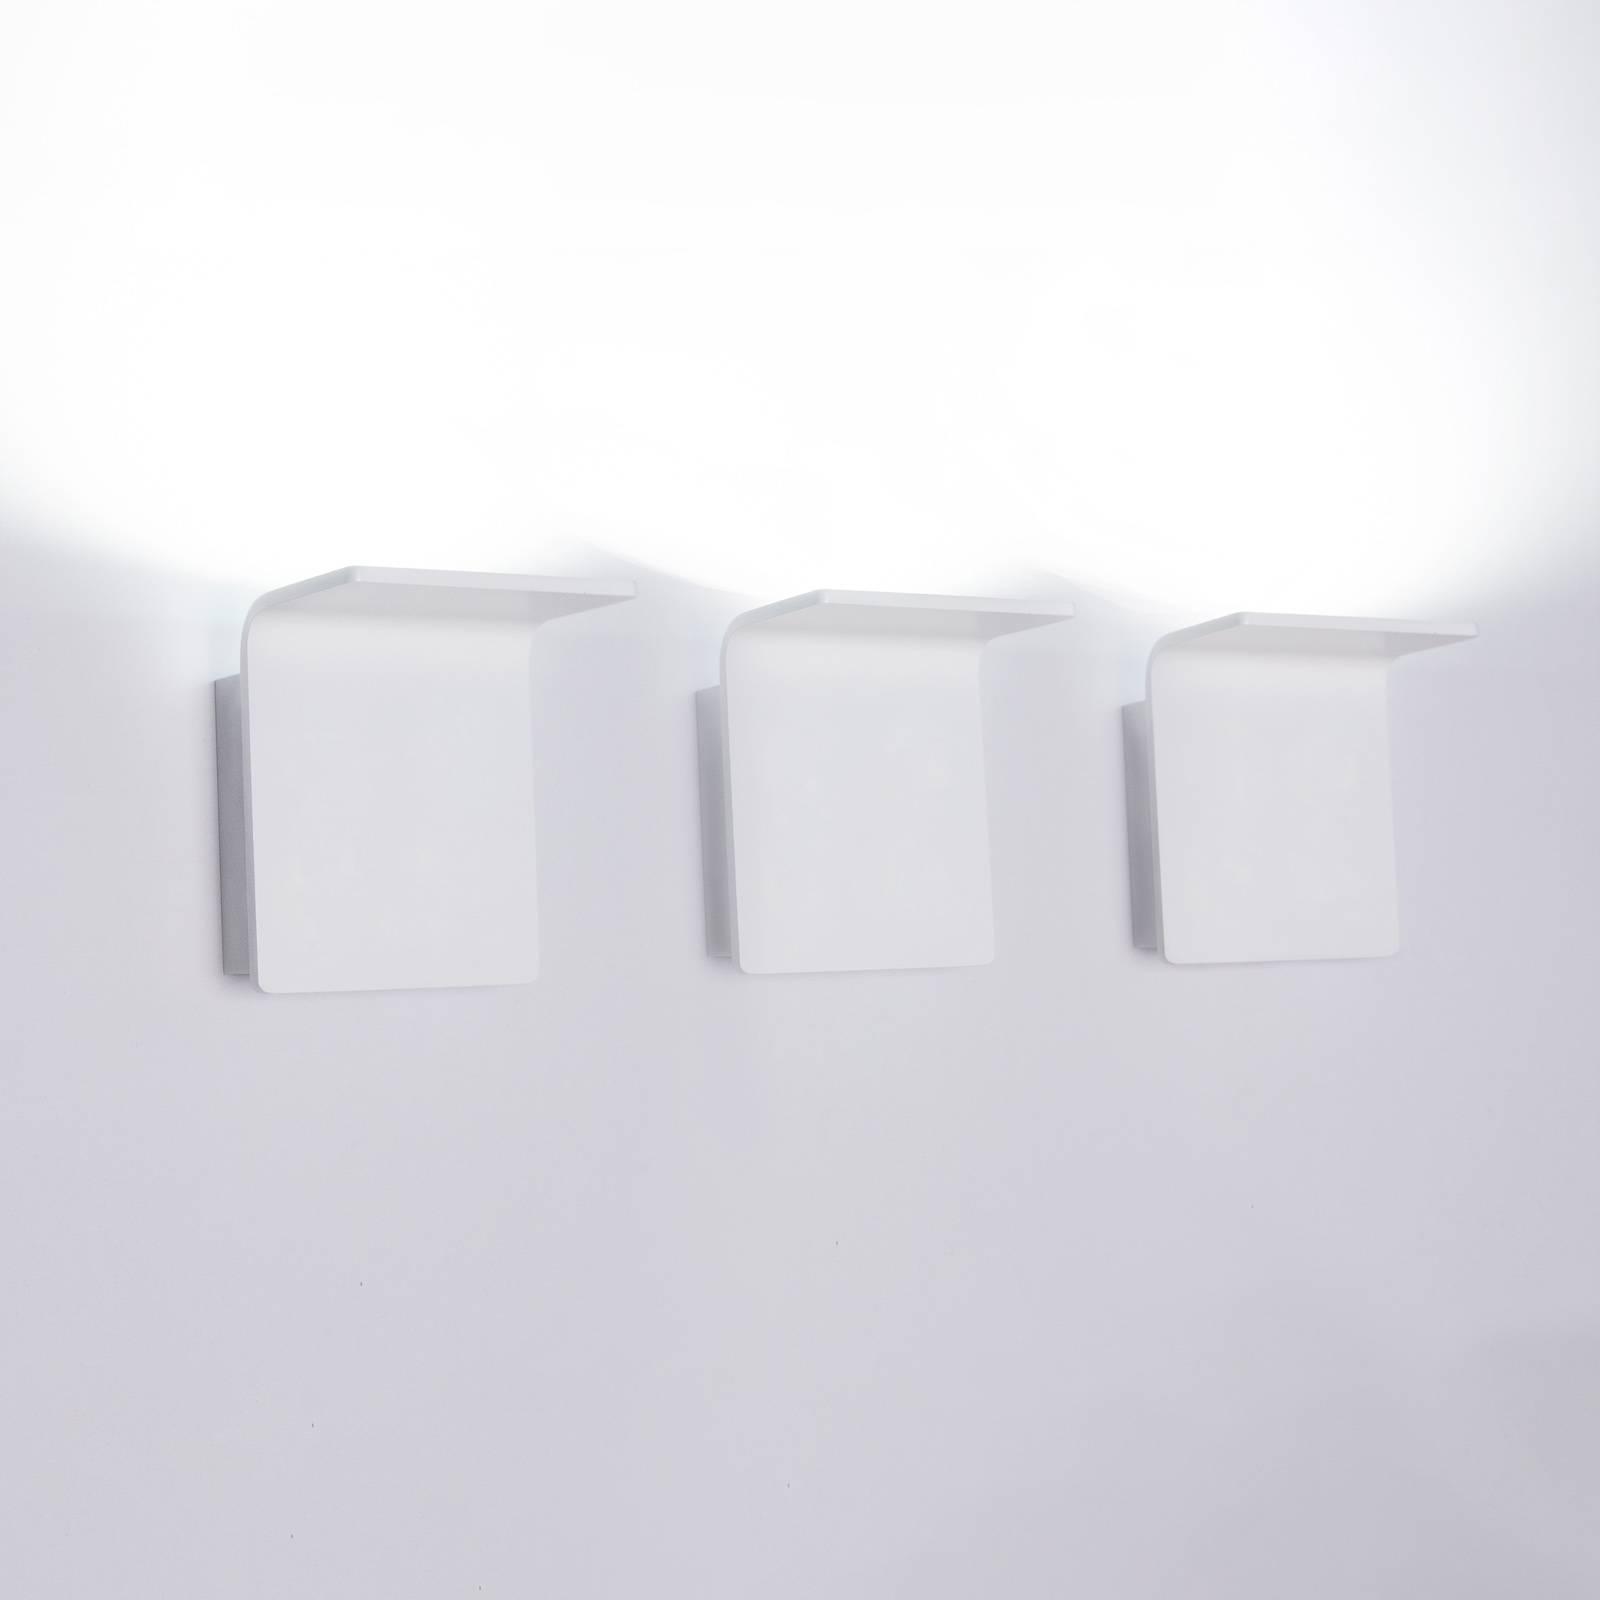 Innermost Bracket LED-Wandleuchte, weiß, dimmbar